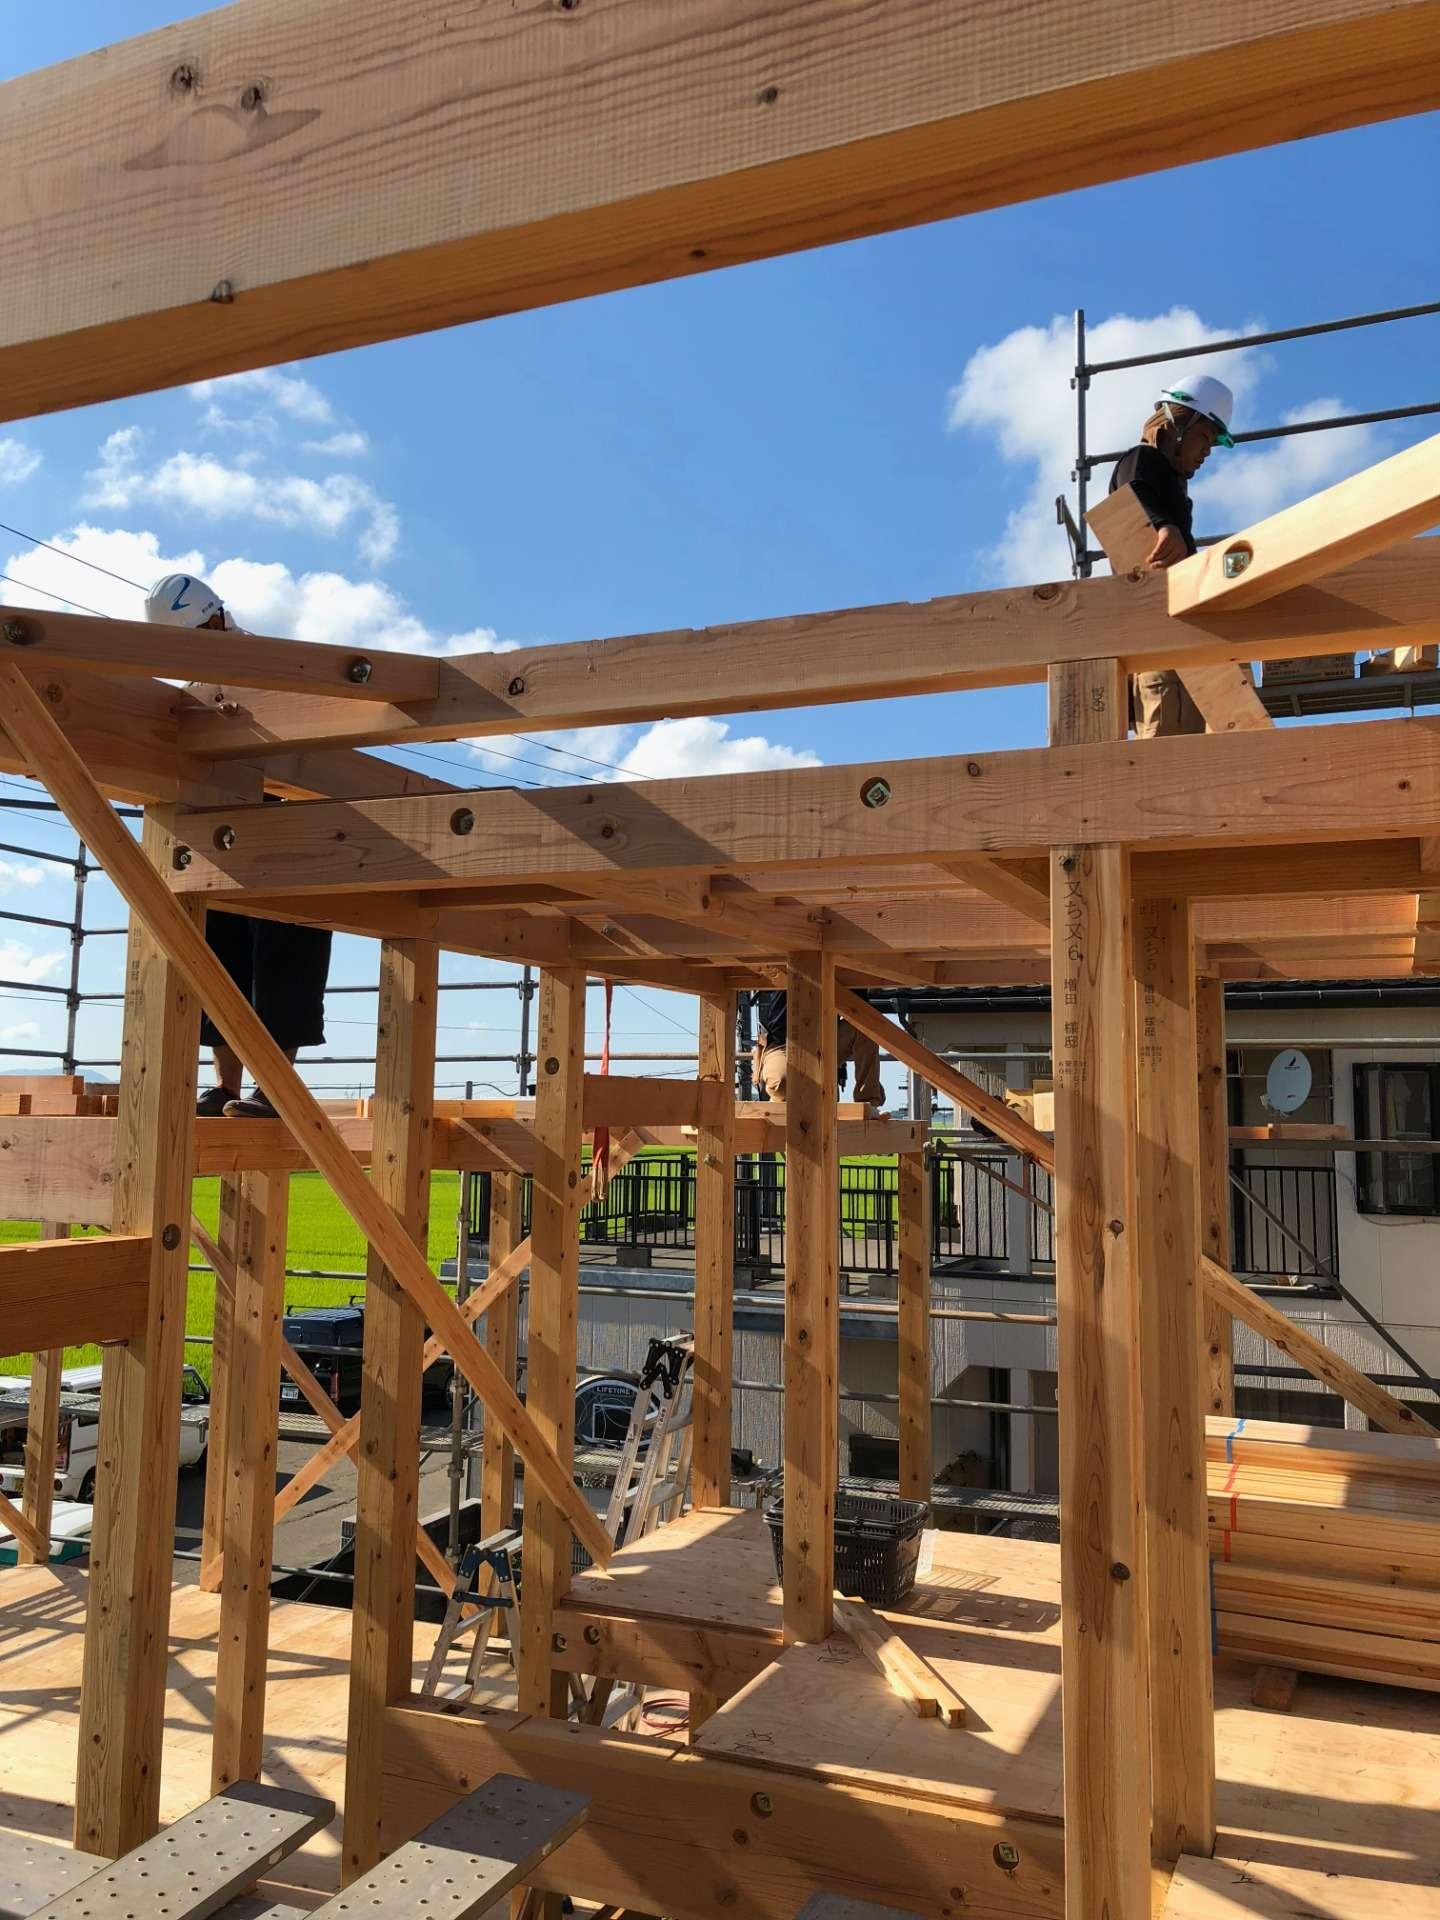 ハウスメーカーと工務店 家を建てるときの違いは 藤和建工 マイホームへの夢を一緒に広げていきましょう 三条市で自然素材の注文住宅なら藤和建工へ